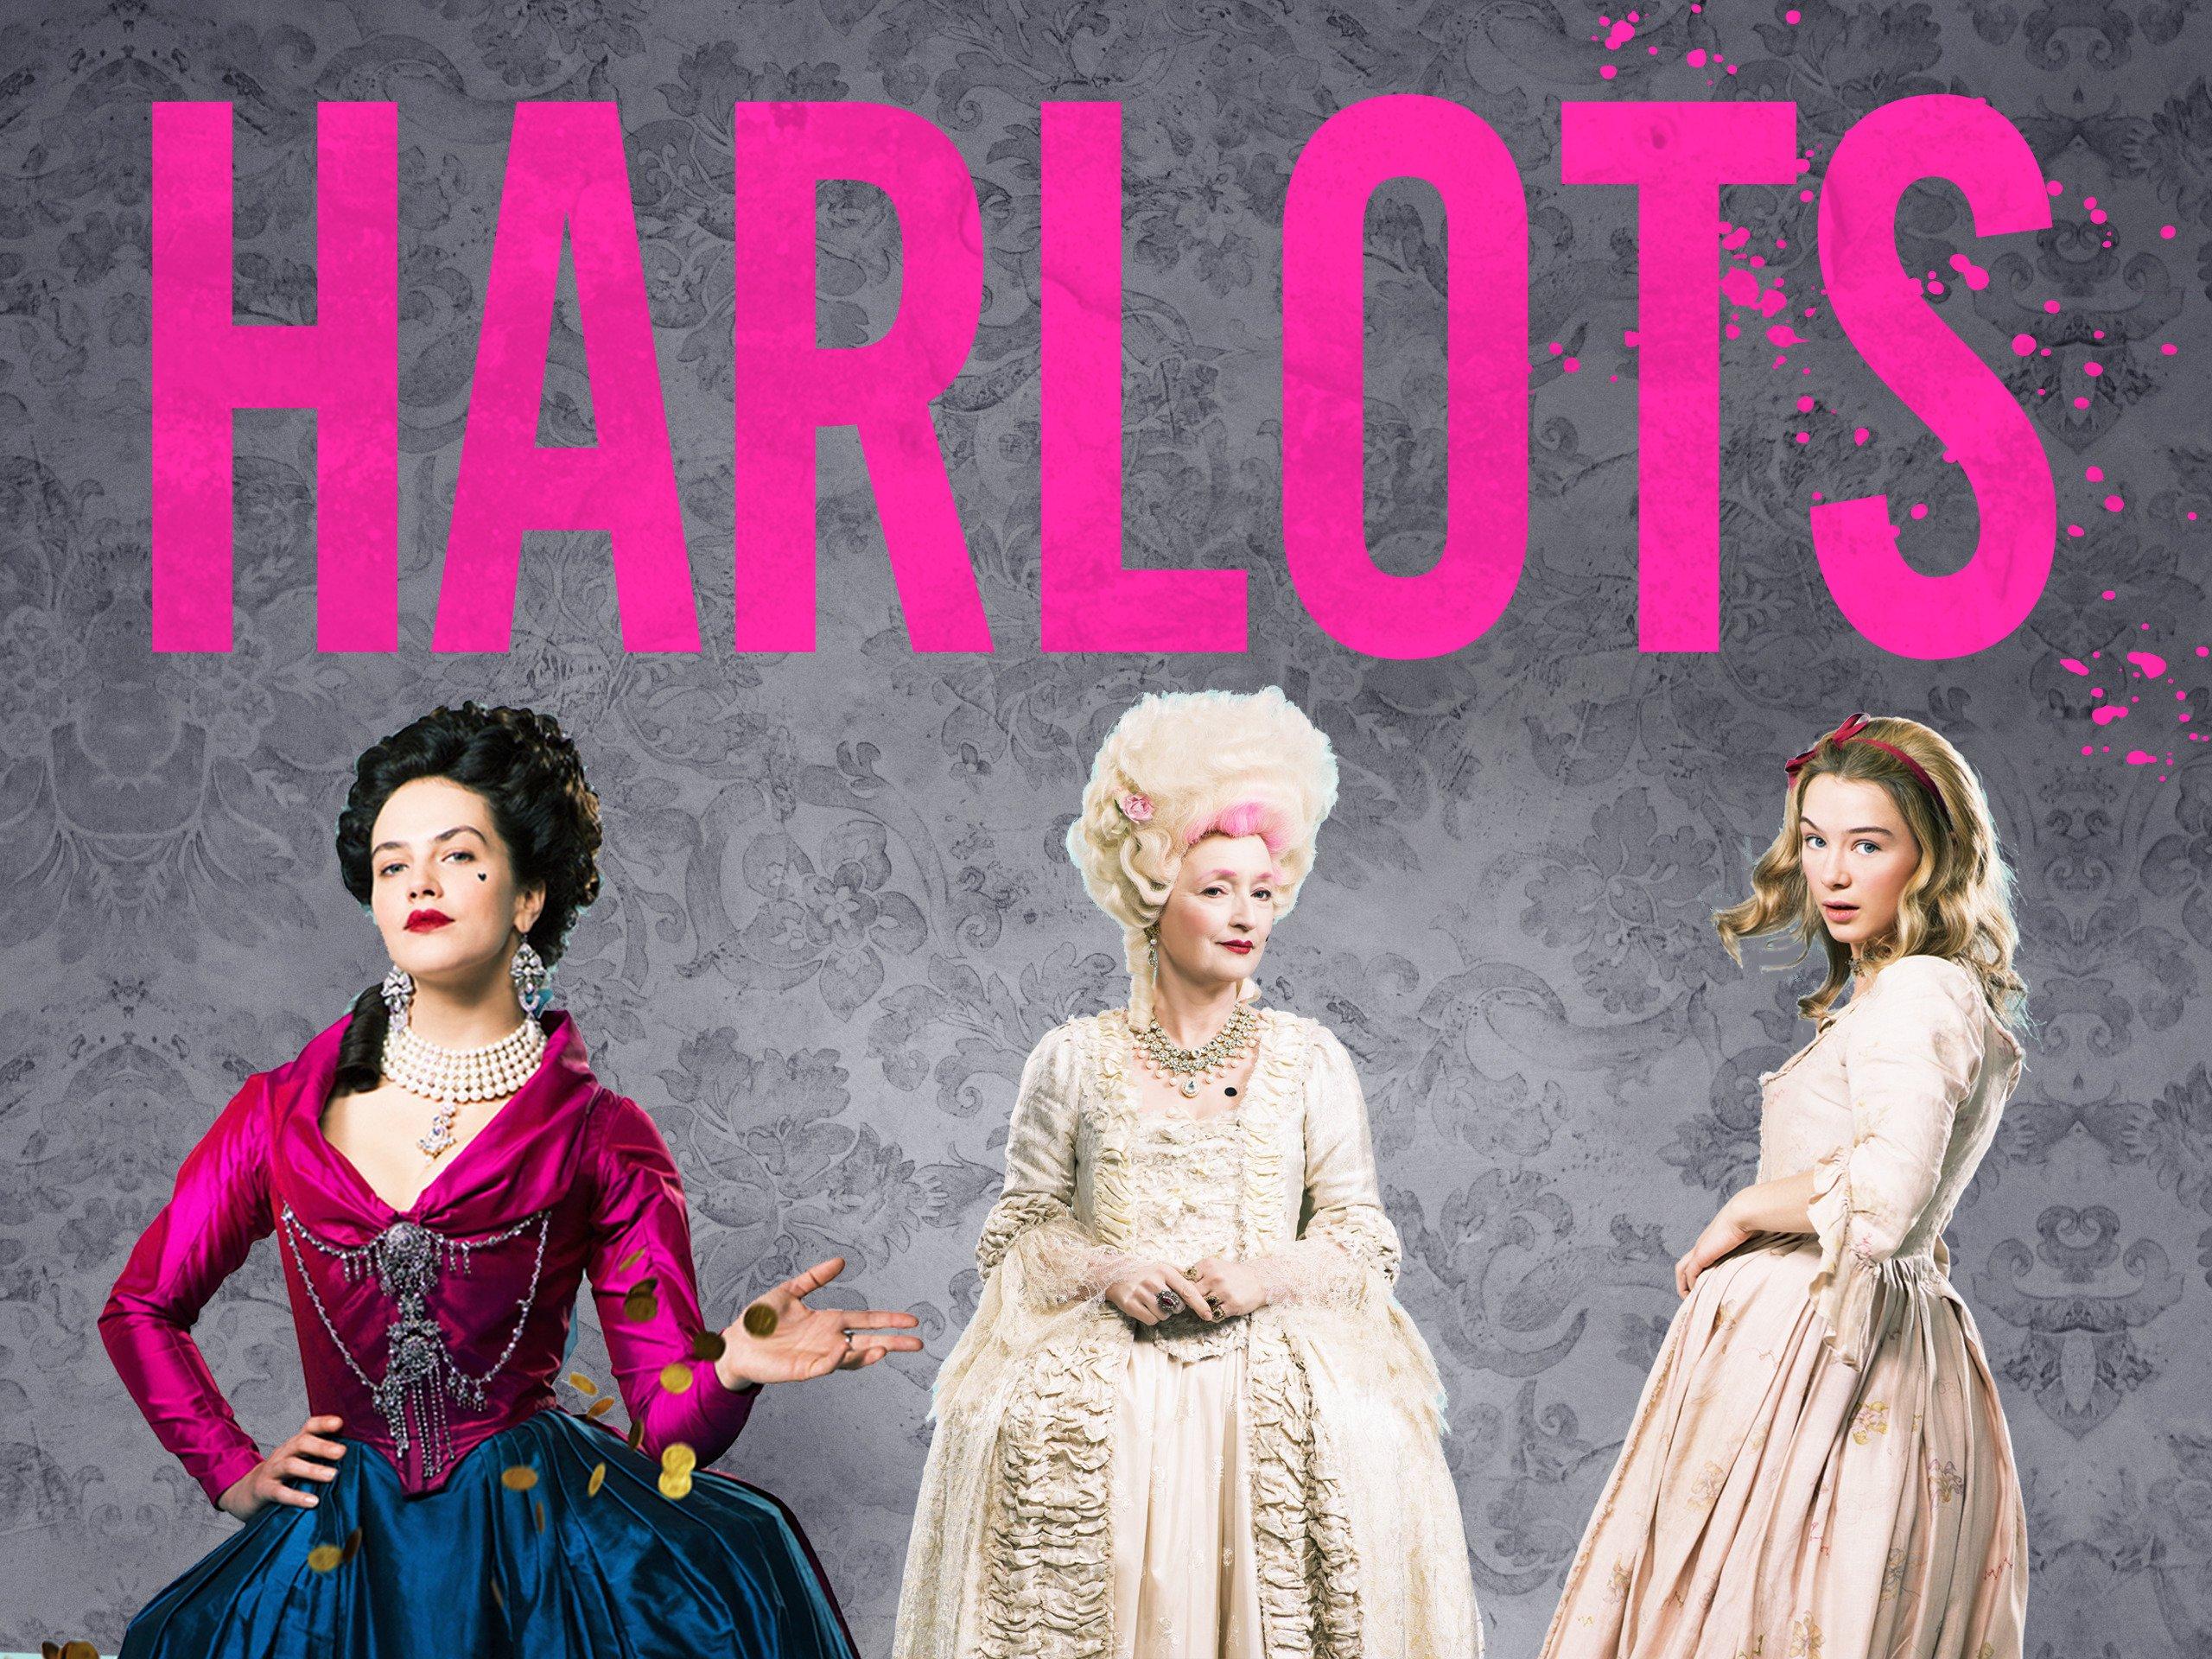 Watch Harlots Season 1 Prime Video